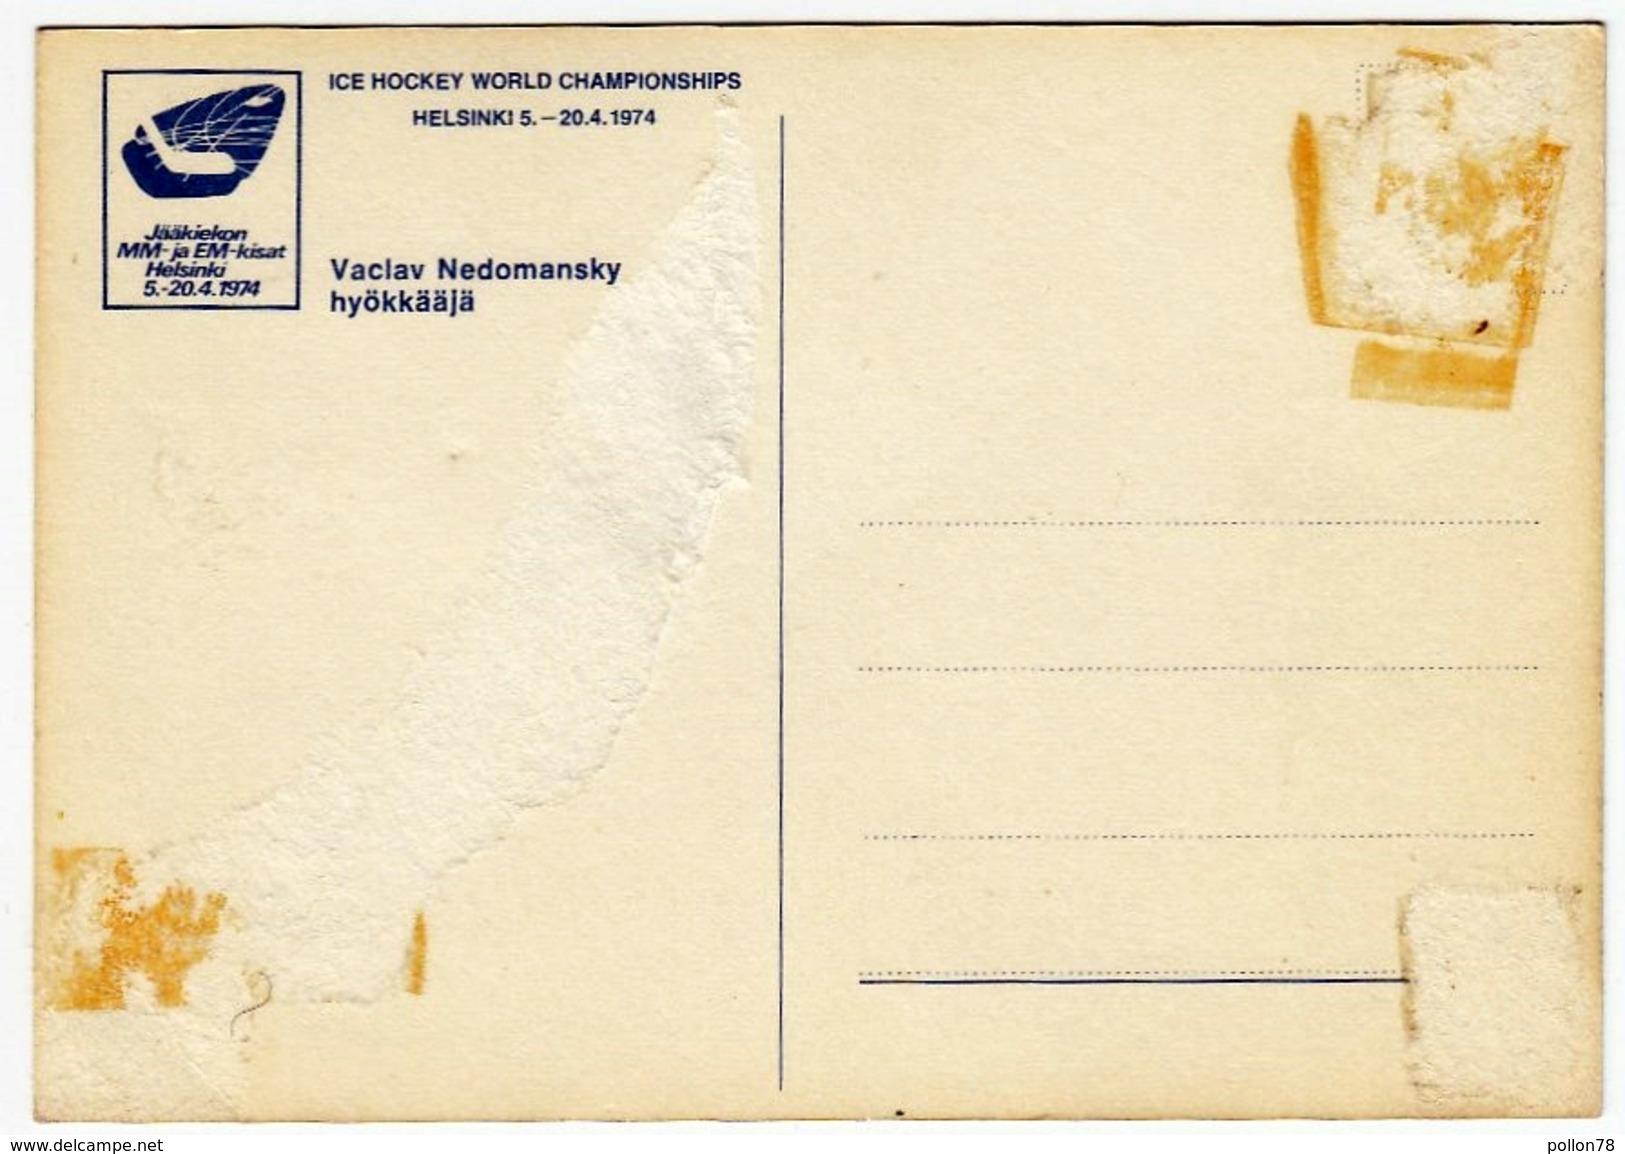 VACLAV NEDOMANSKY - HOCKEY SU GHIACCIO - ICE HOCKEY WORLD CHAMPIONSHIPS - HELSINNKI 5. - 20.4.1974 - Vedi Retro - Cartoline